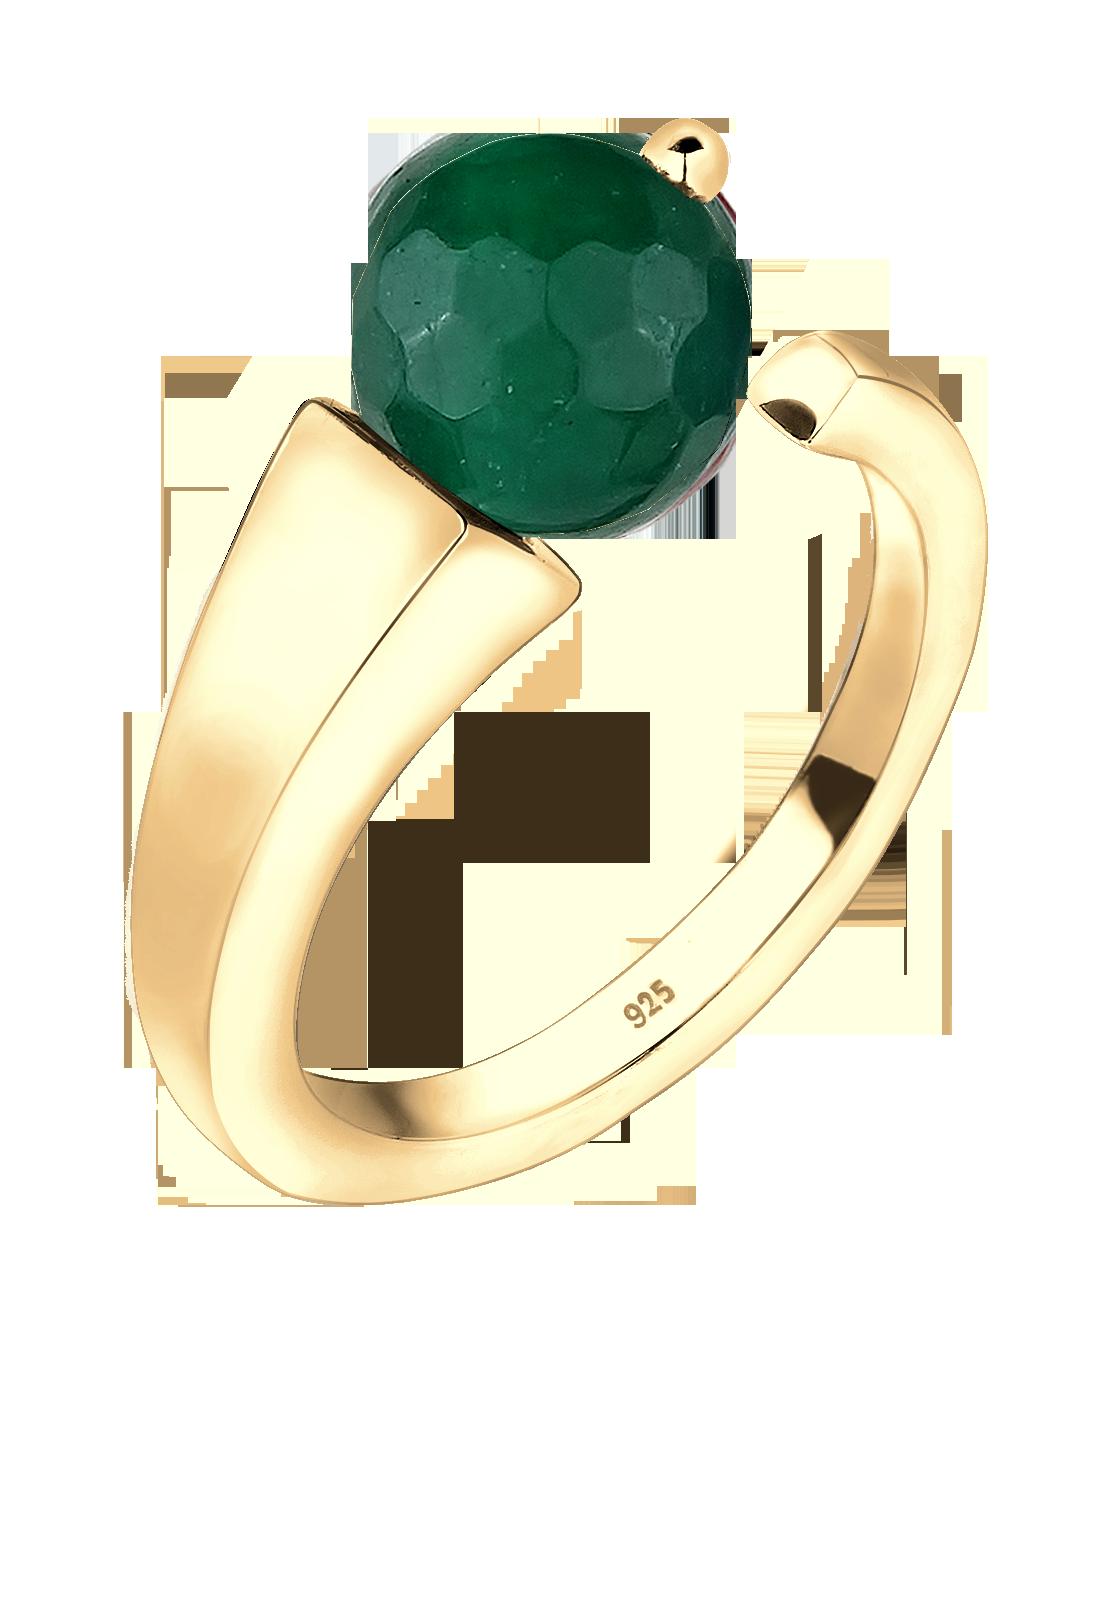 Der Jade ist ein typischerweise smaragdgrüner Edelstein